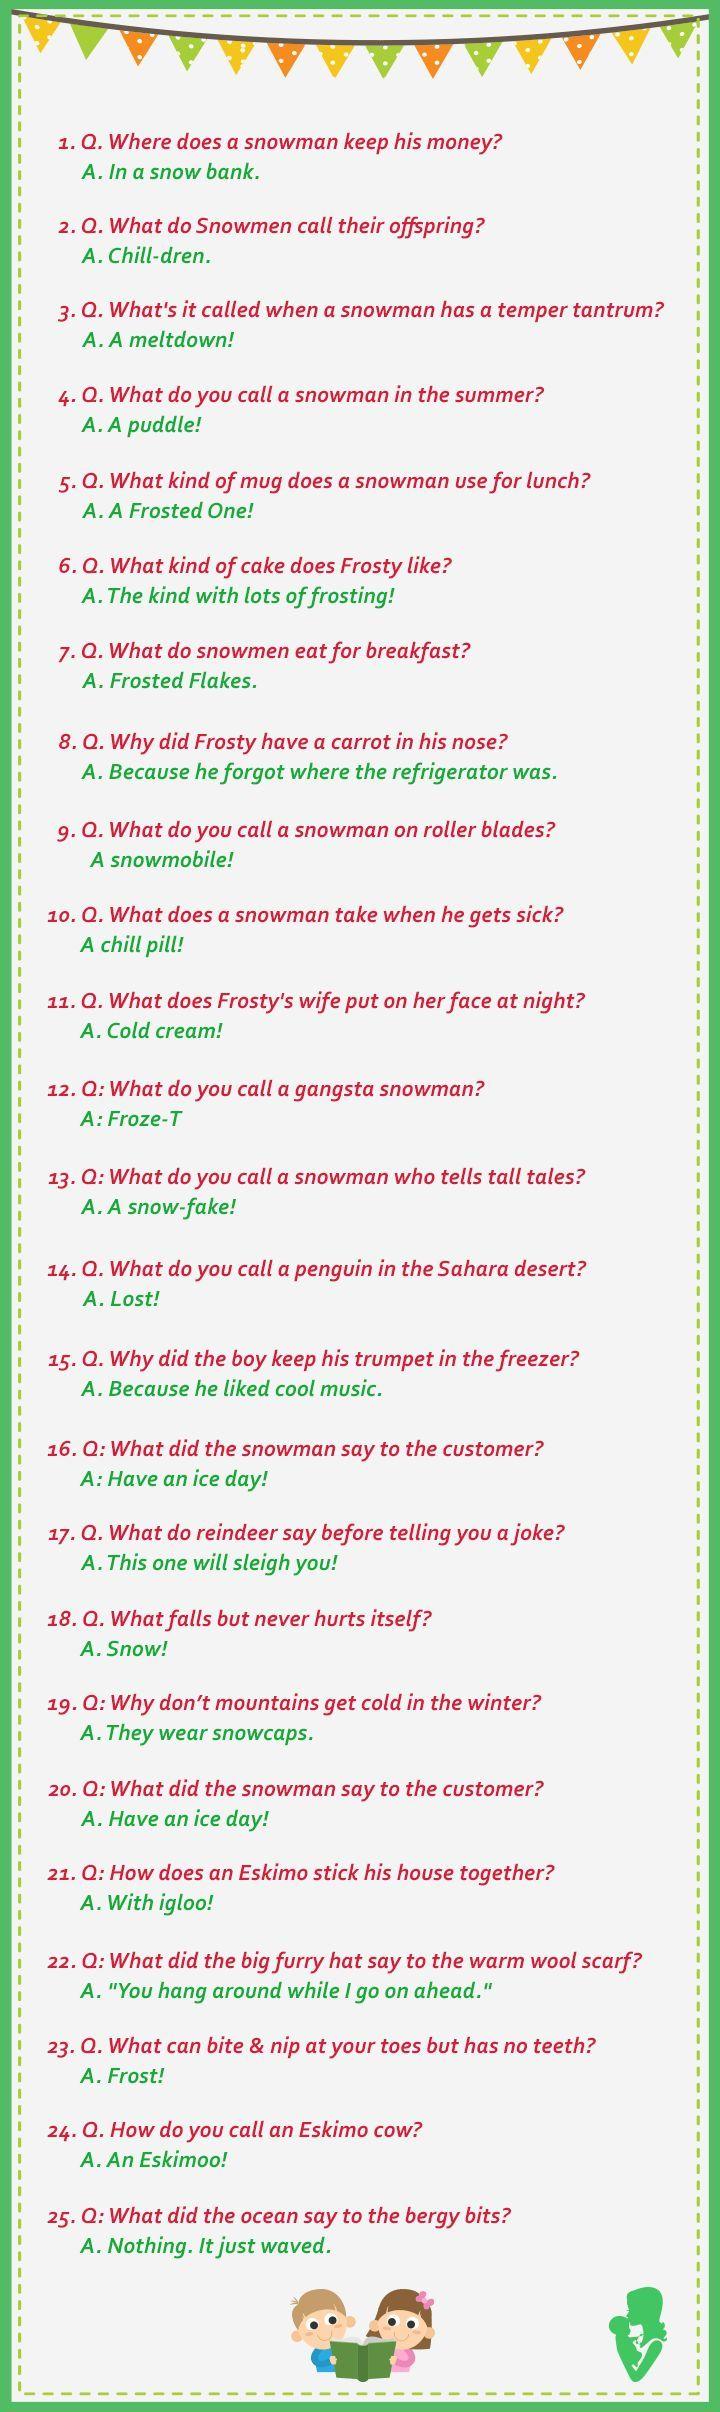 Snowman & Winter Jokes Snowman jokes, Funny jokes for